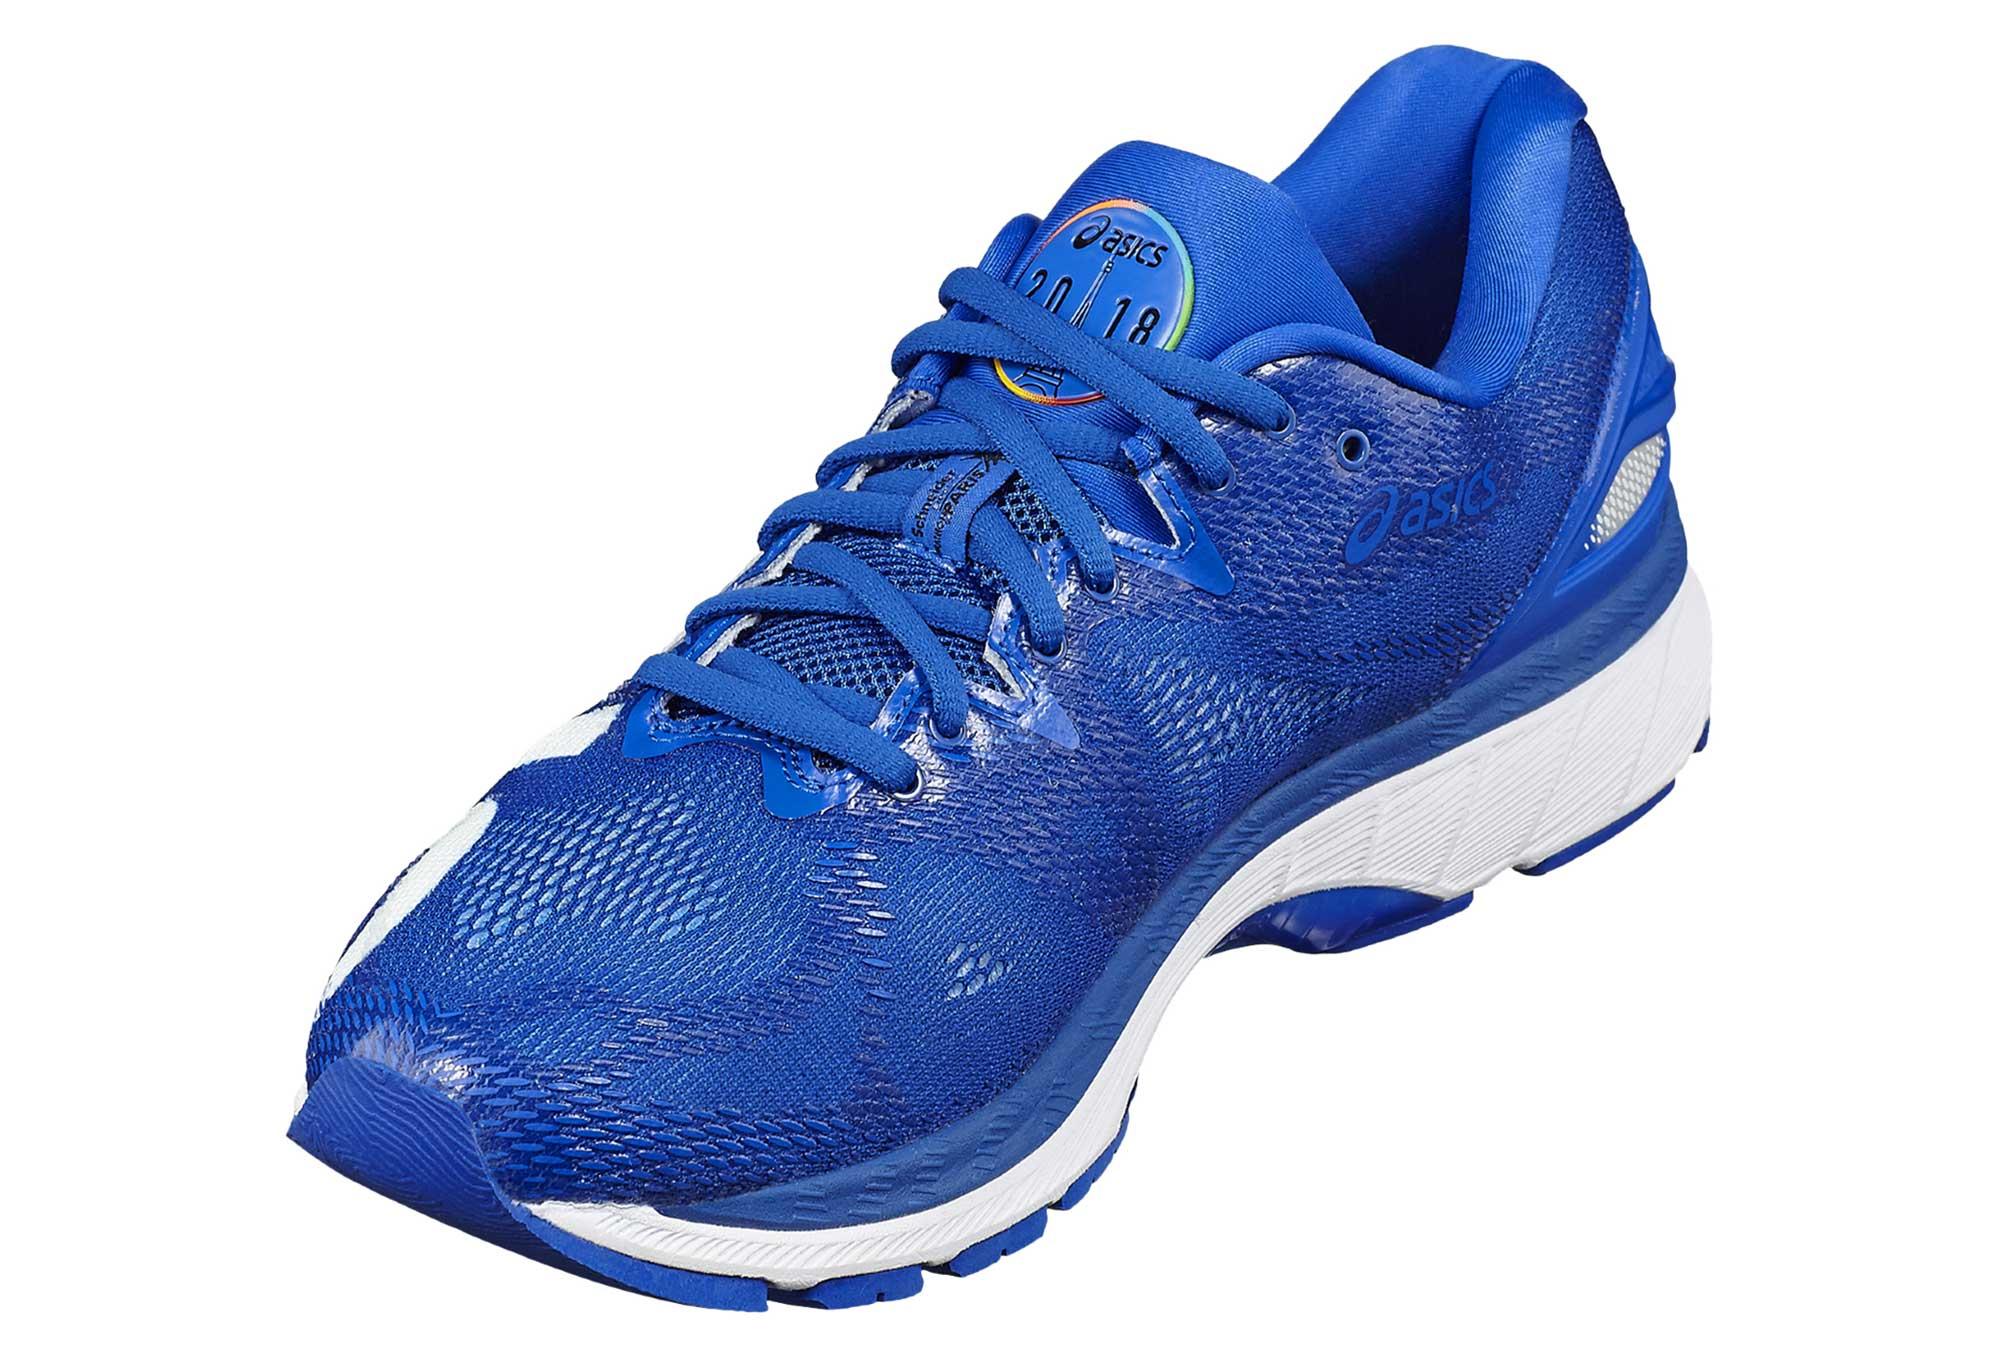 d36d7b66bd5 Chaussures de Running Asics Gel-Nimbus 20 Paris Marathon Bleu   Blanc